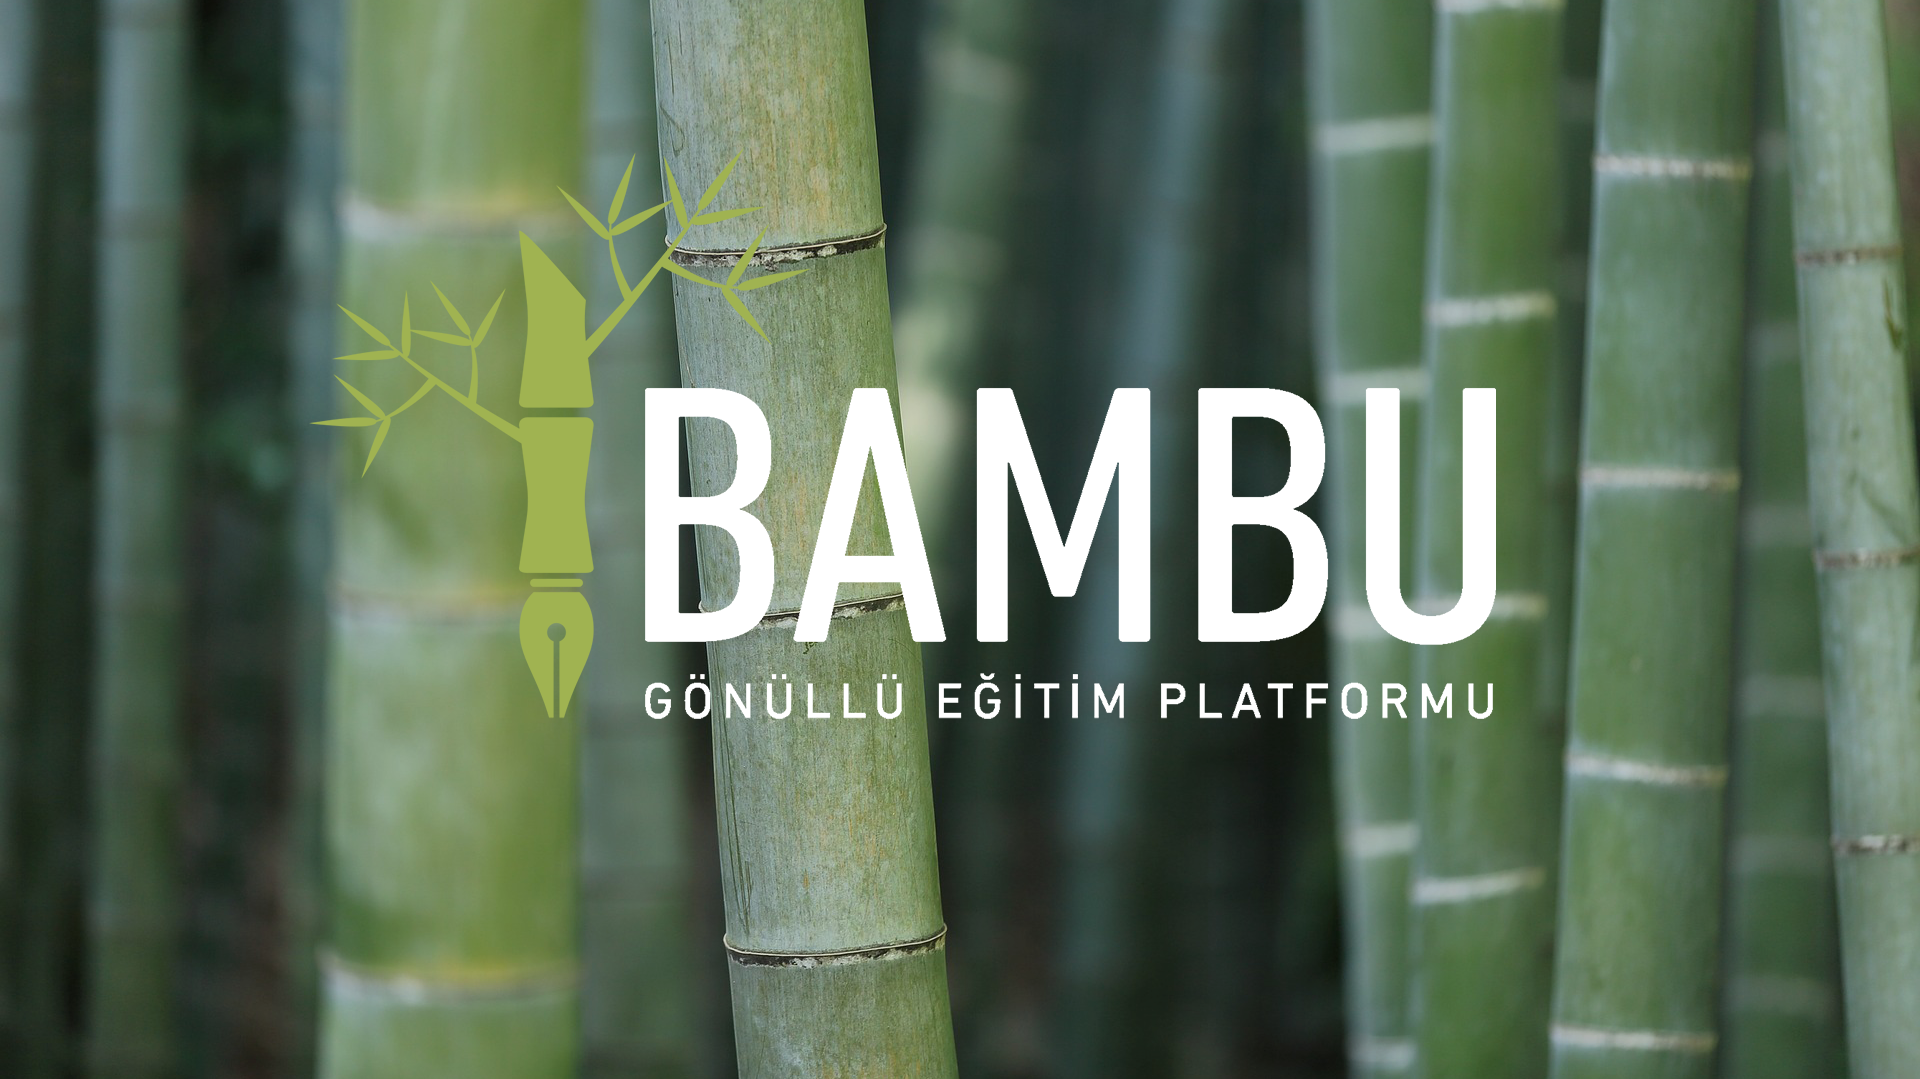 Bambu Gönüllü Eğitim Platformu